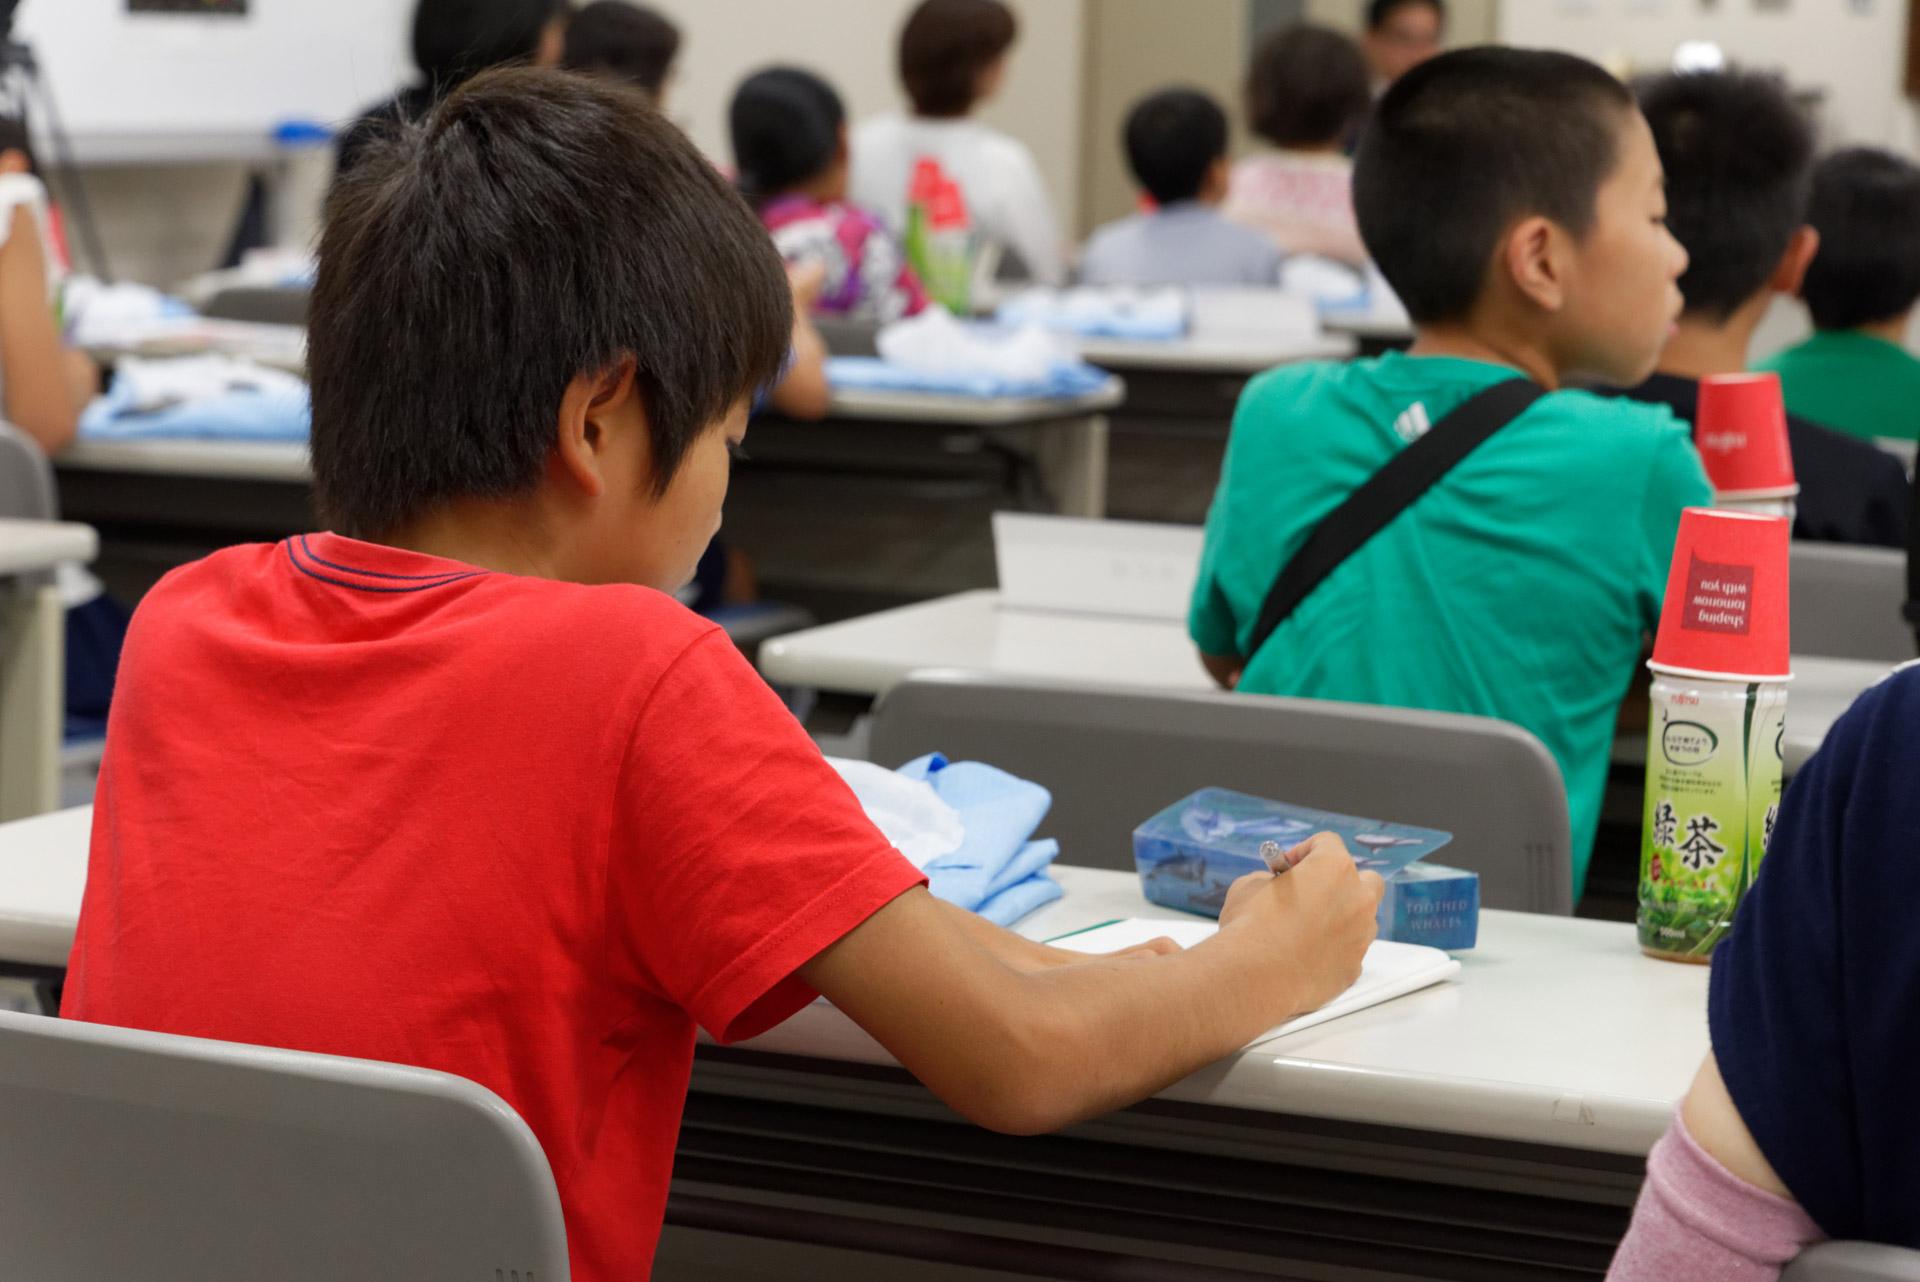 工場の社員に積極的に質問する子供や、説明を聞いて熱心にメモを取る子供の姿も